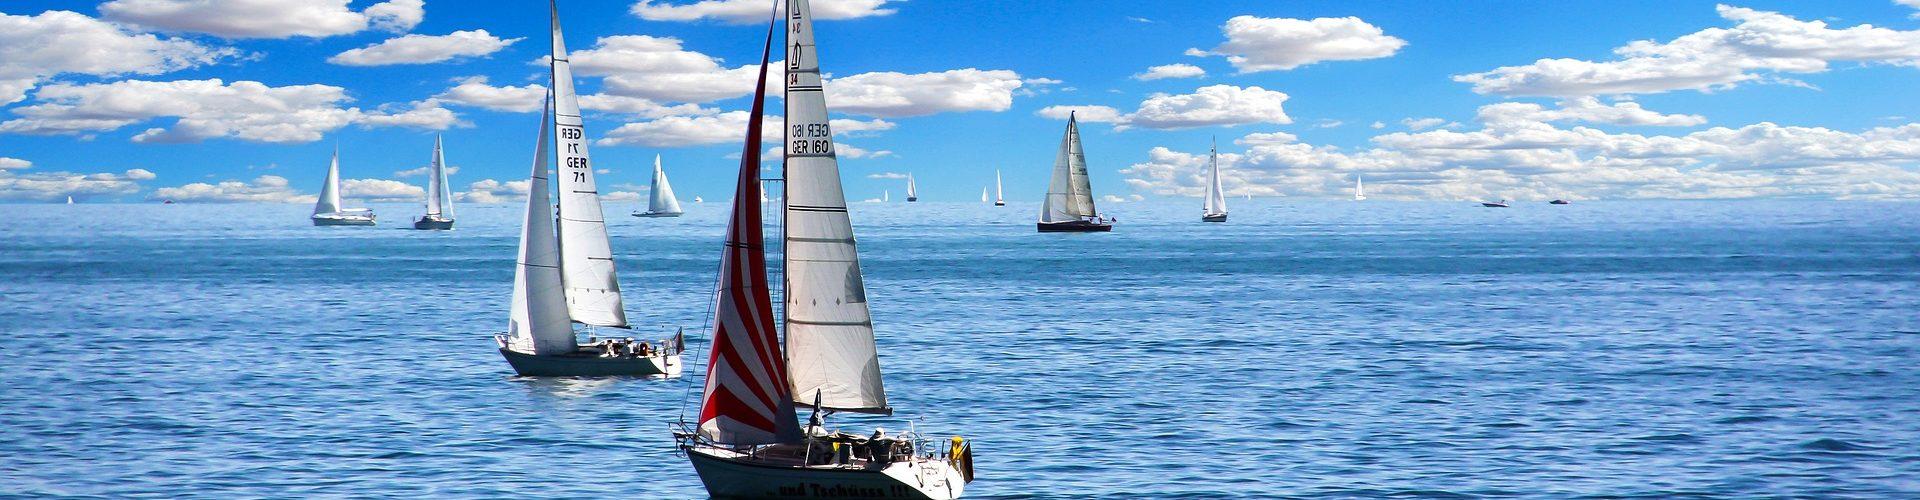 segeln lernen in Neutraubling segelschein machen in Neutraubling 1920x500 - Segeln lernen in Neutraubling